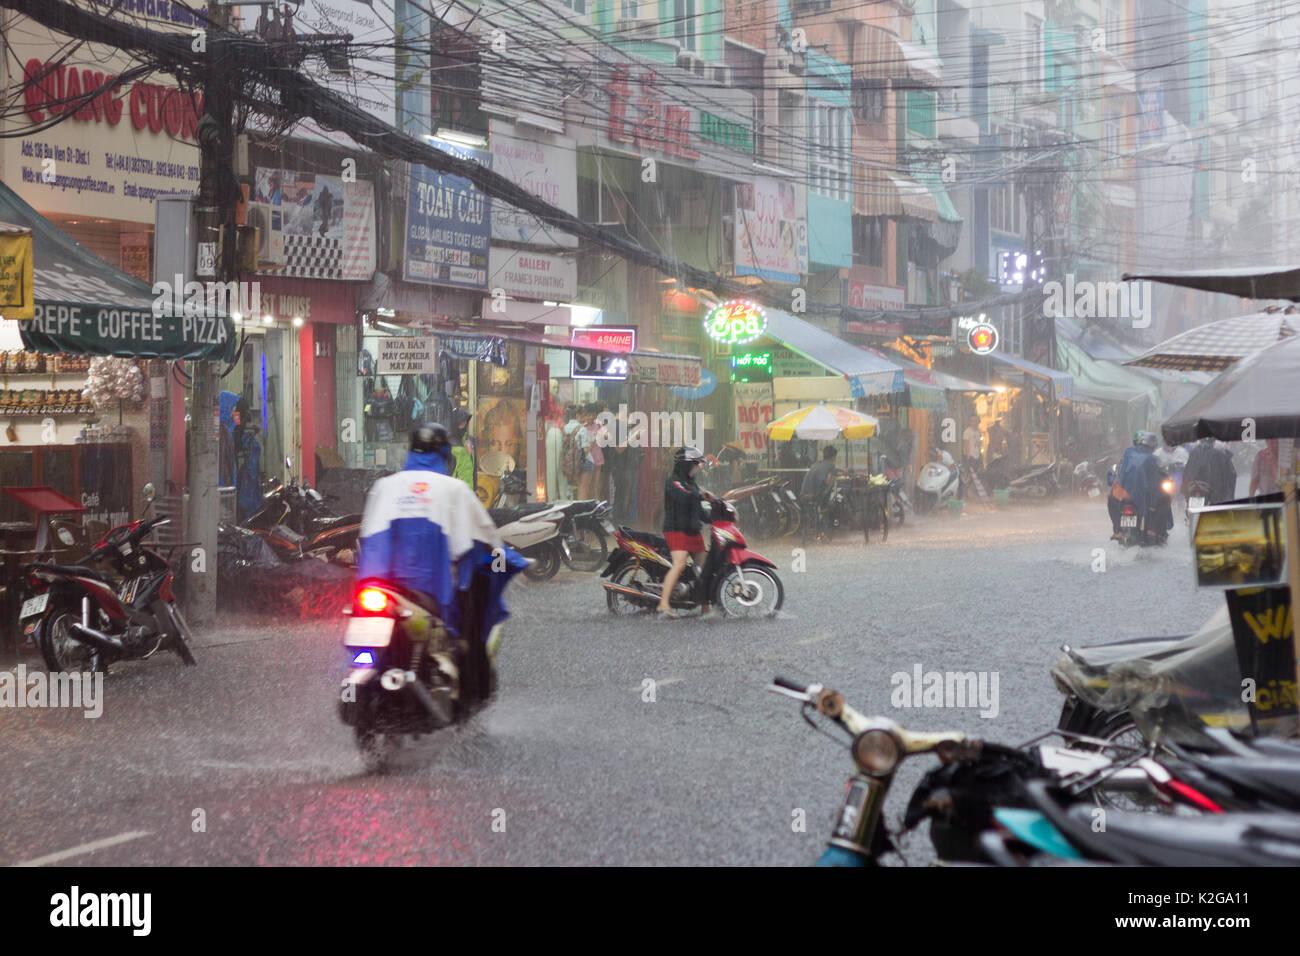 Las lluvias torrenciales en la calle Bui Vien, Ciudad Ho Chi Minh (Saigón), Vietnam Imagen De Stock